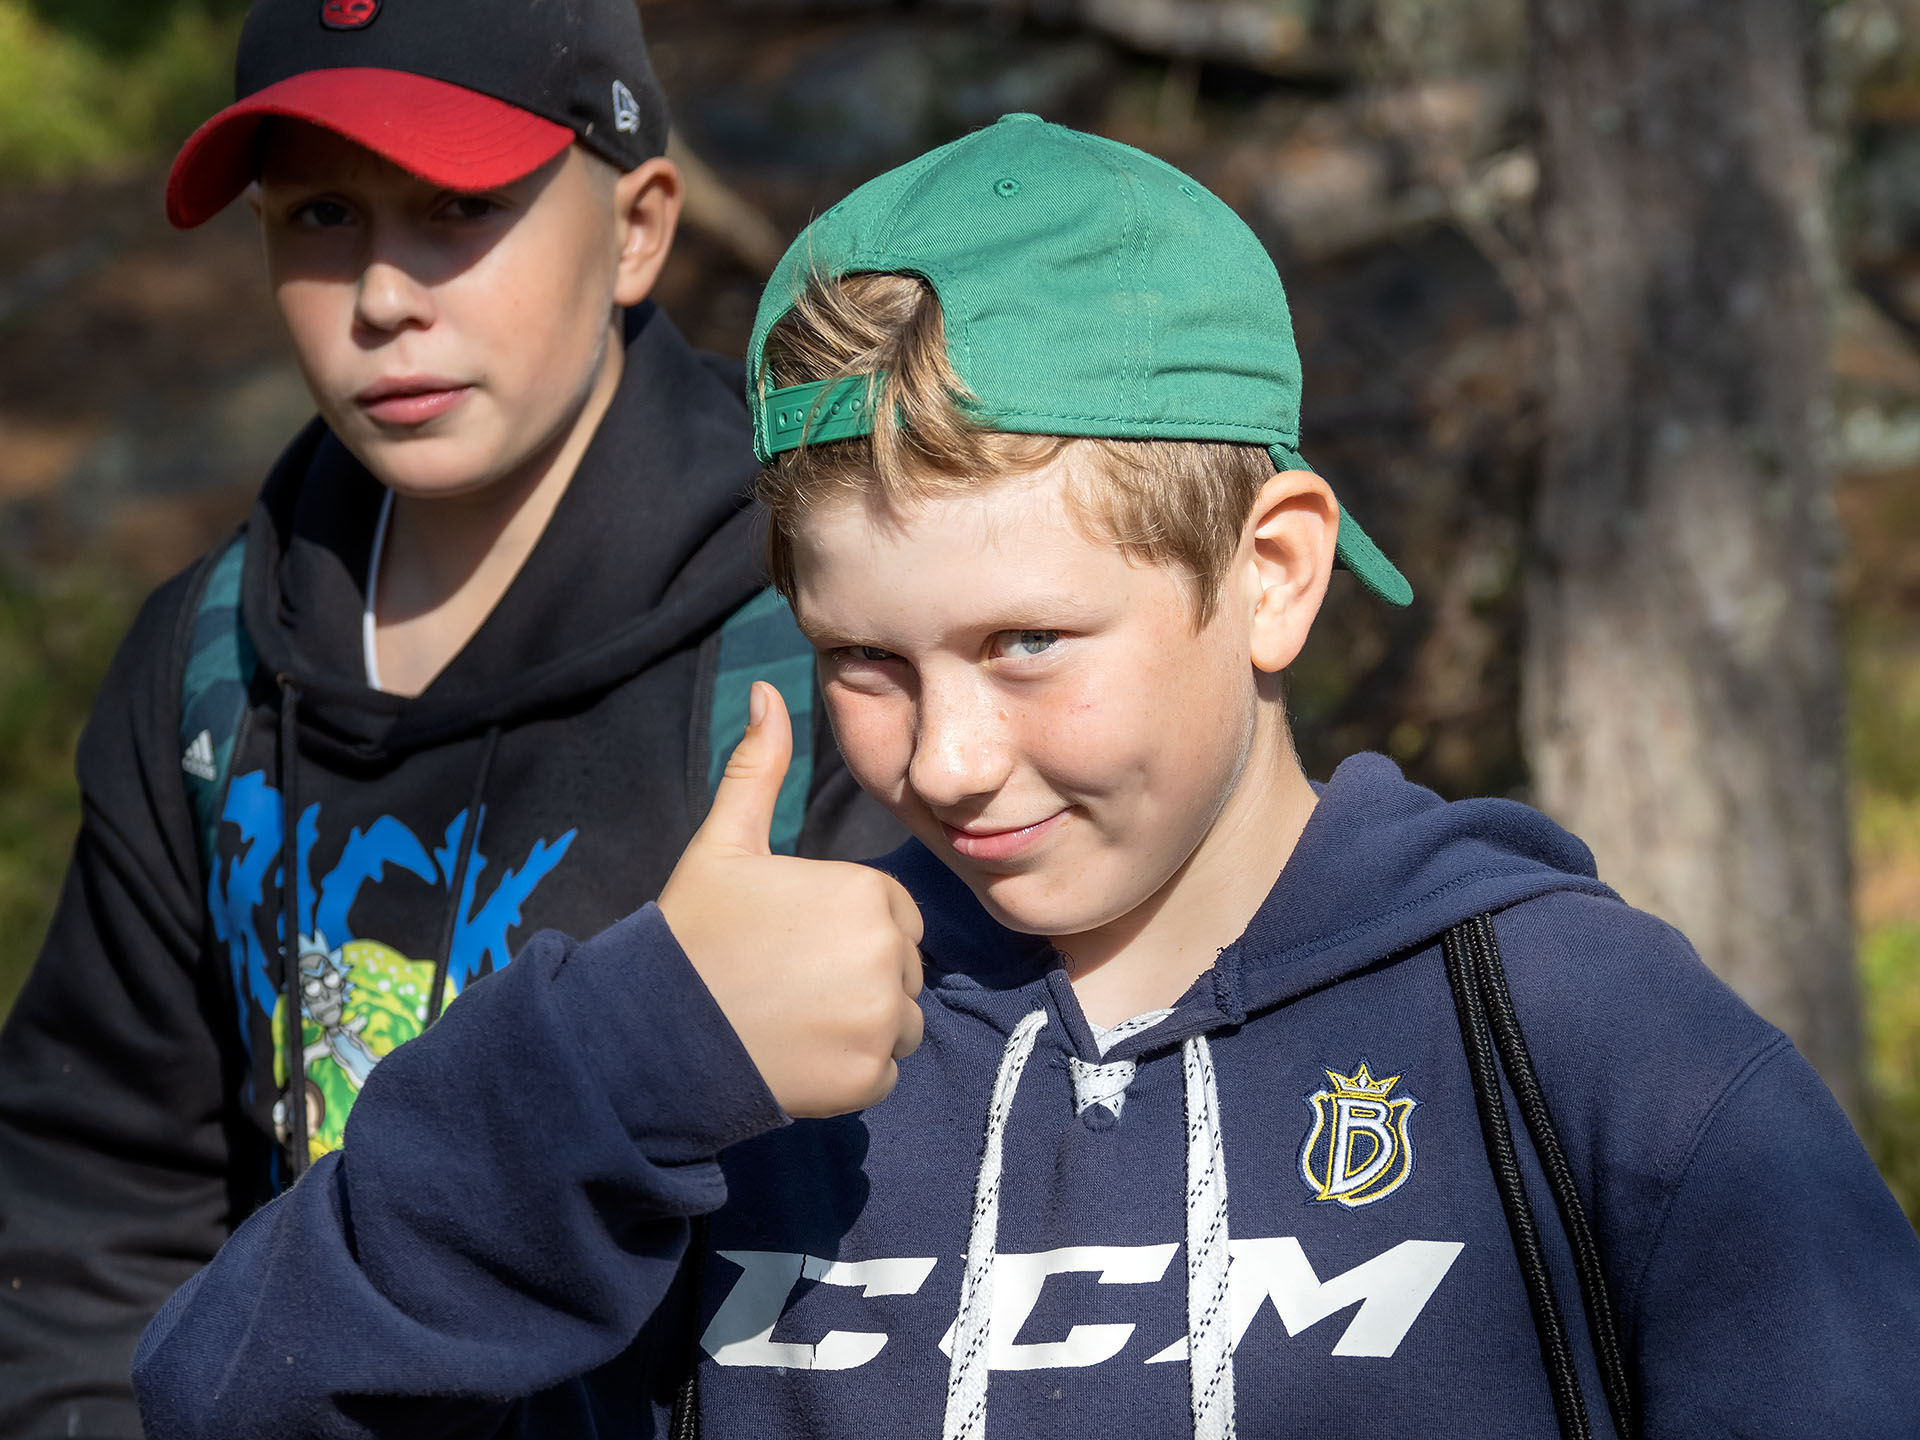 En skolpojke visar tummen upp ute i naturen.